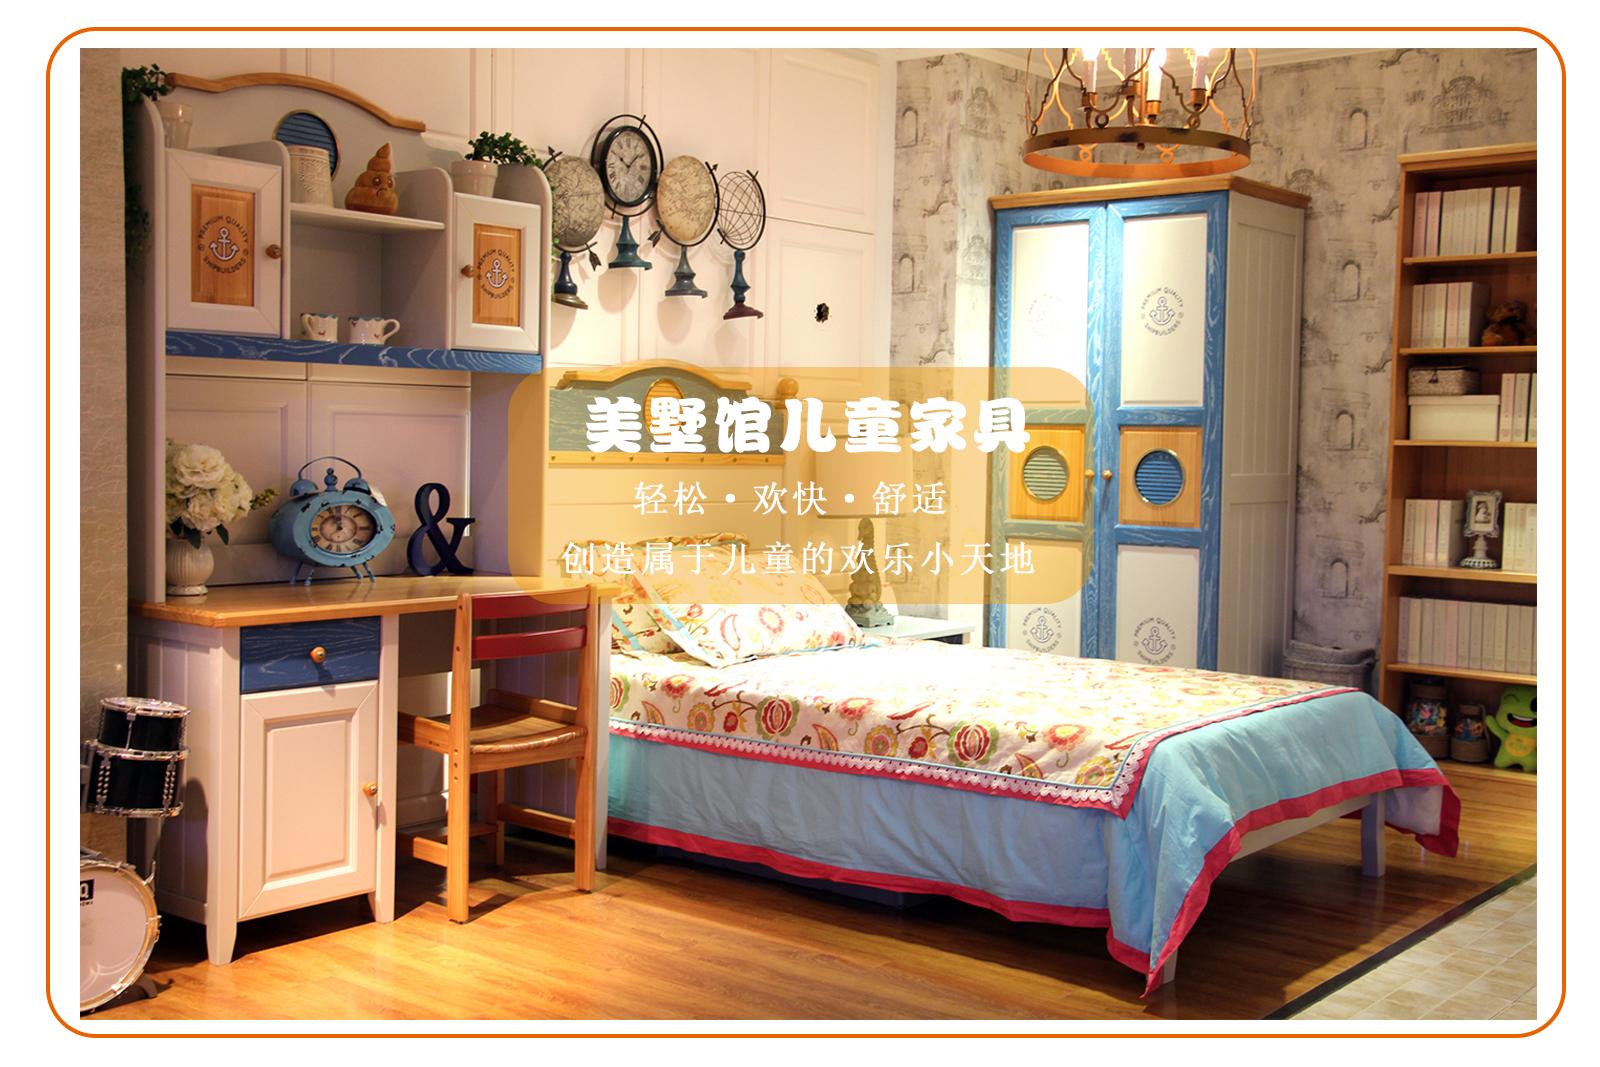 美墅馆儿童家具给孩子一个快乐的小天地